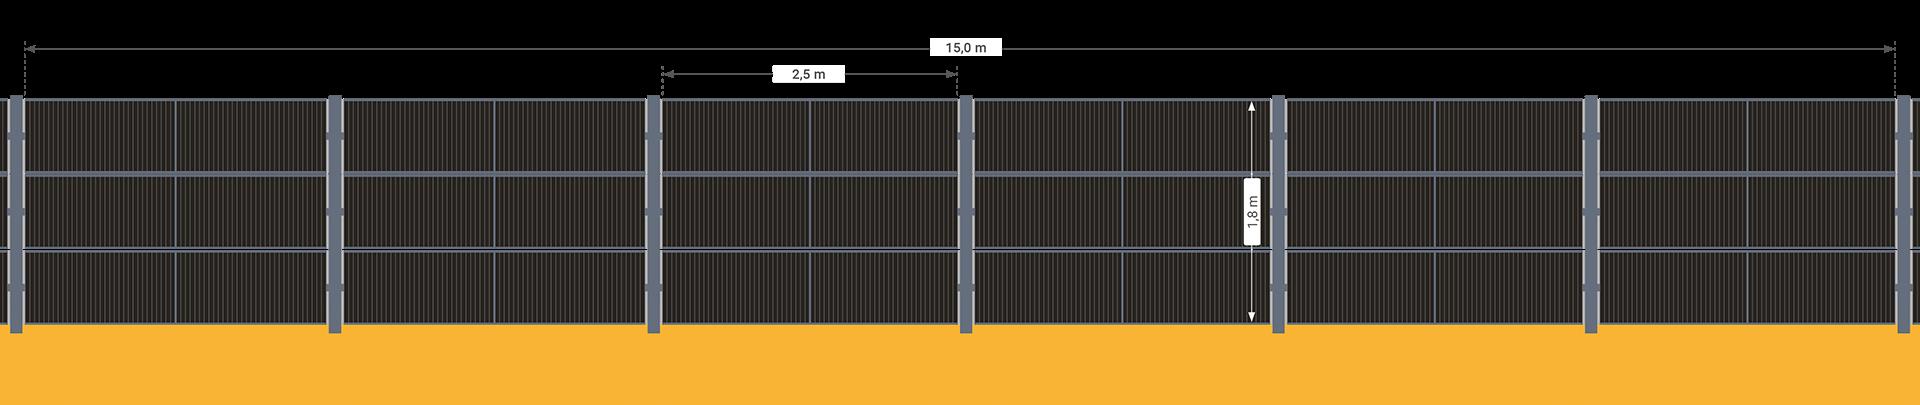 SolarZaun Solar Zaun Länge und Aufteilung der Module